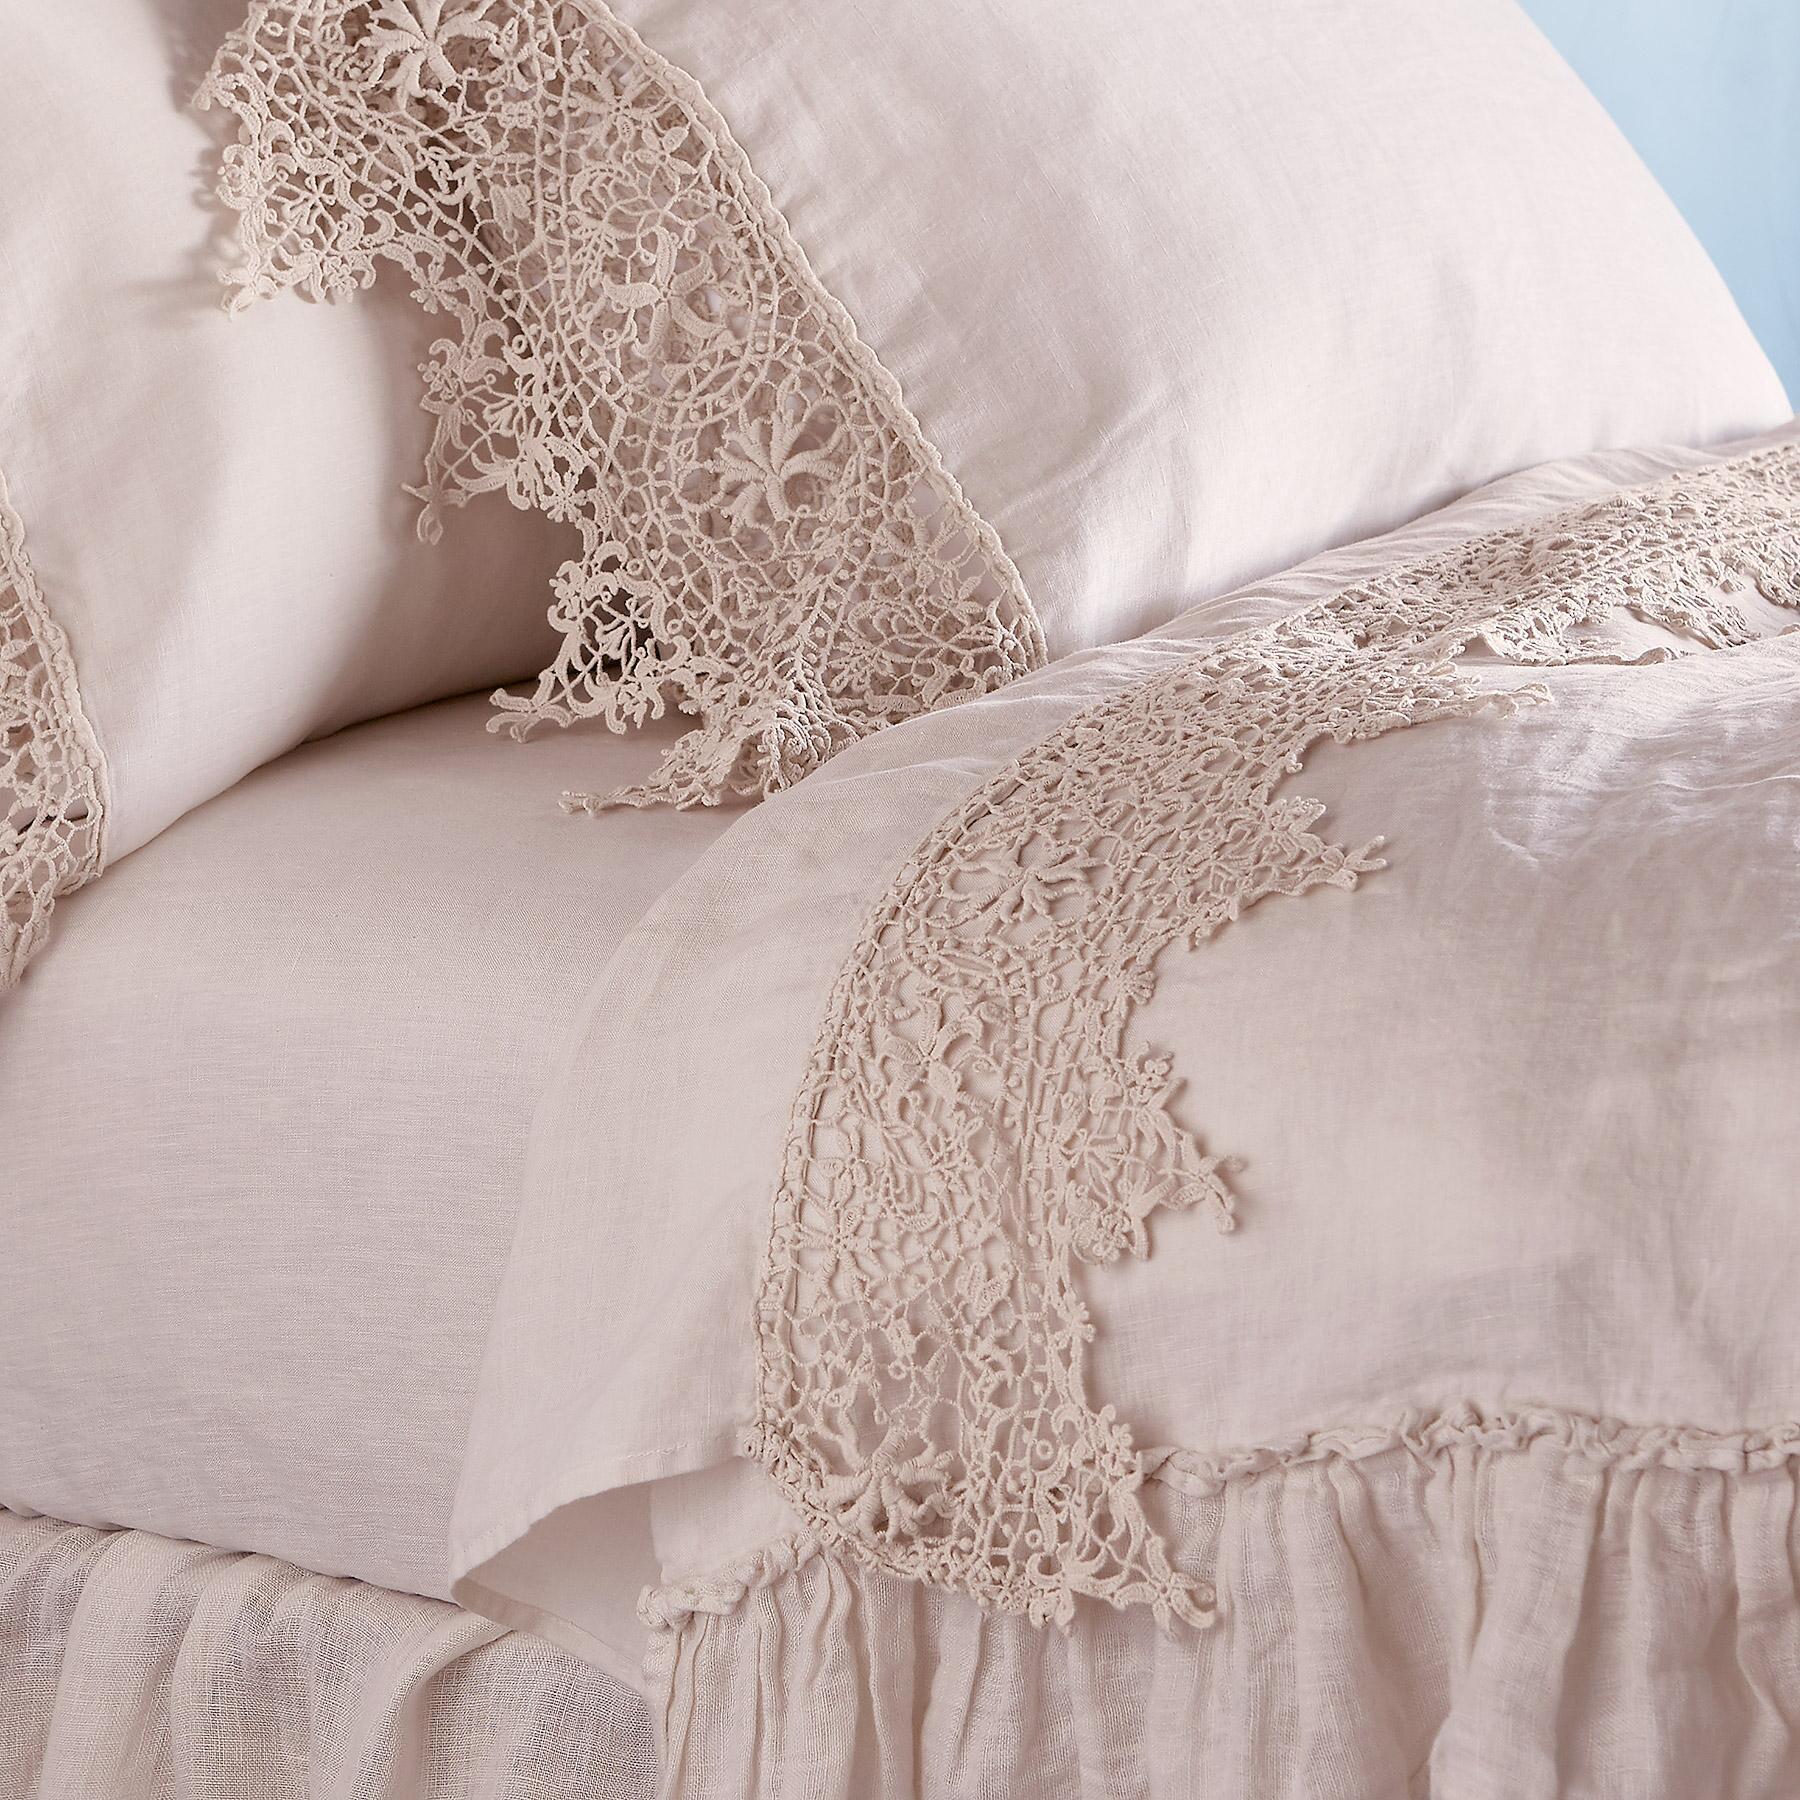 Gossamer Linen Lace Flat Sheet: View 1